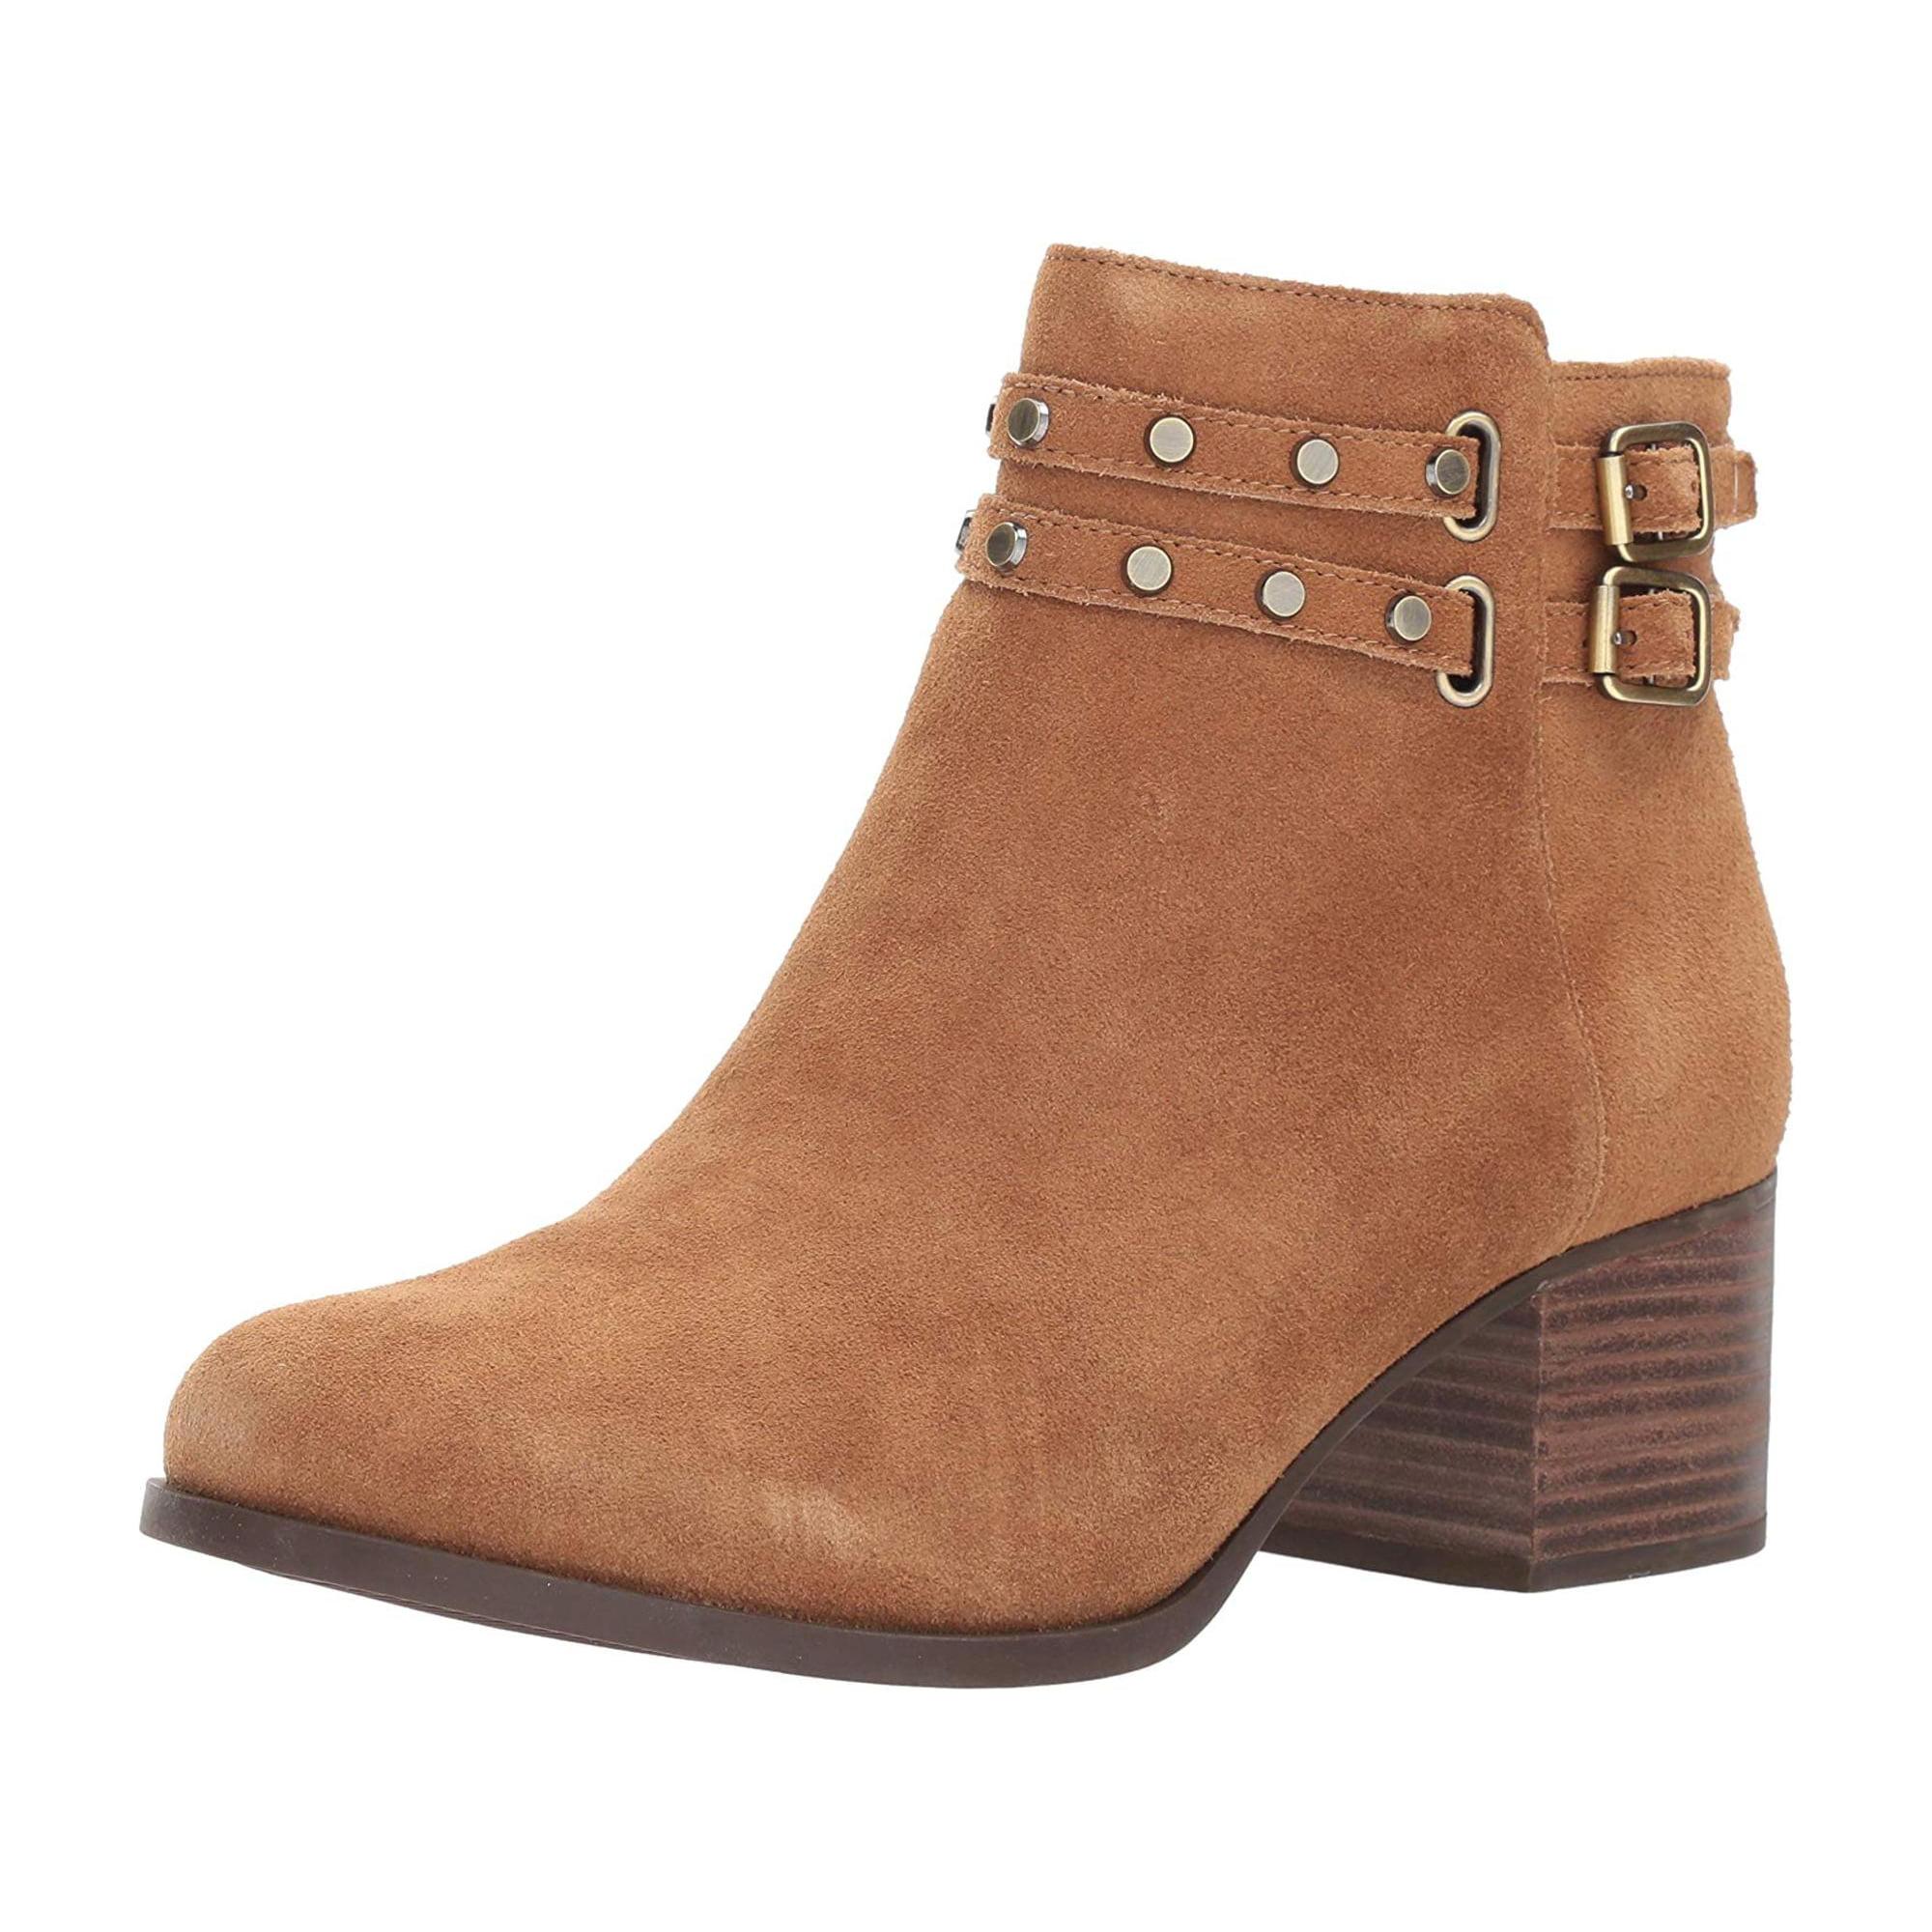 f8e7543db1e Koolaburra Womens Gordana Closed Toe Ankle Fashion Boots | Walmart ...